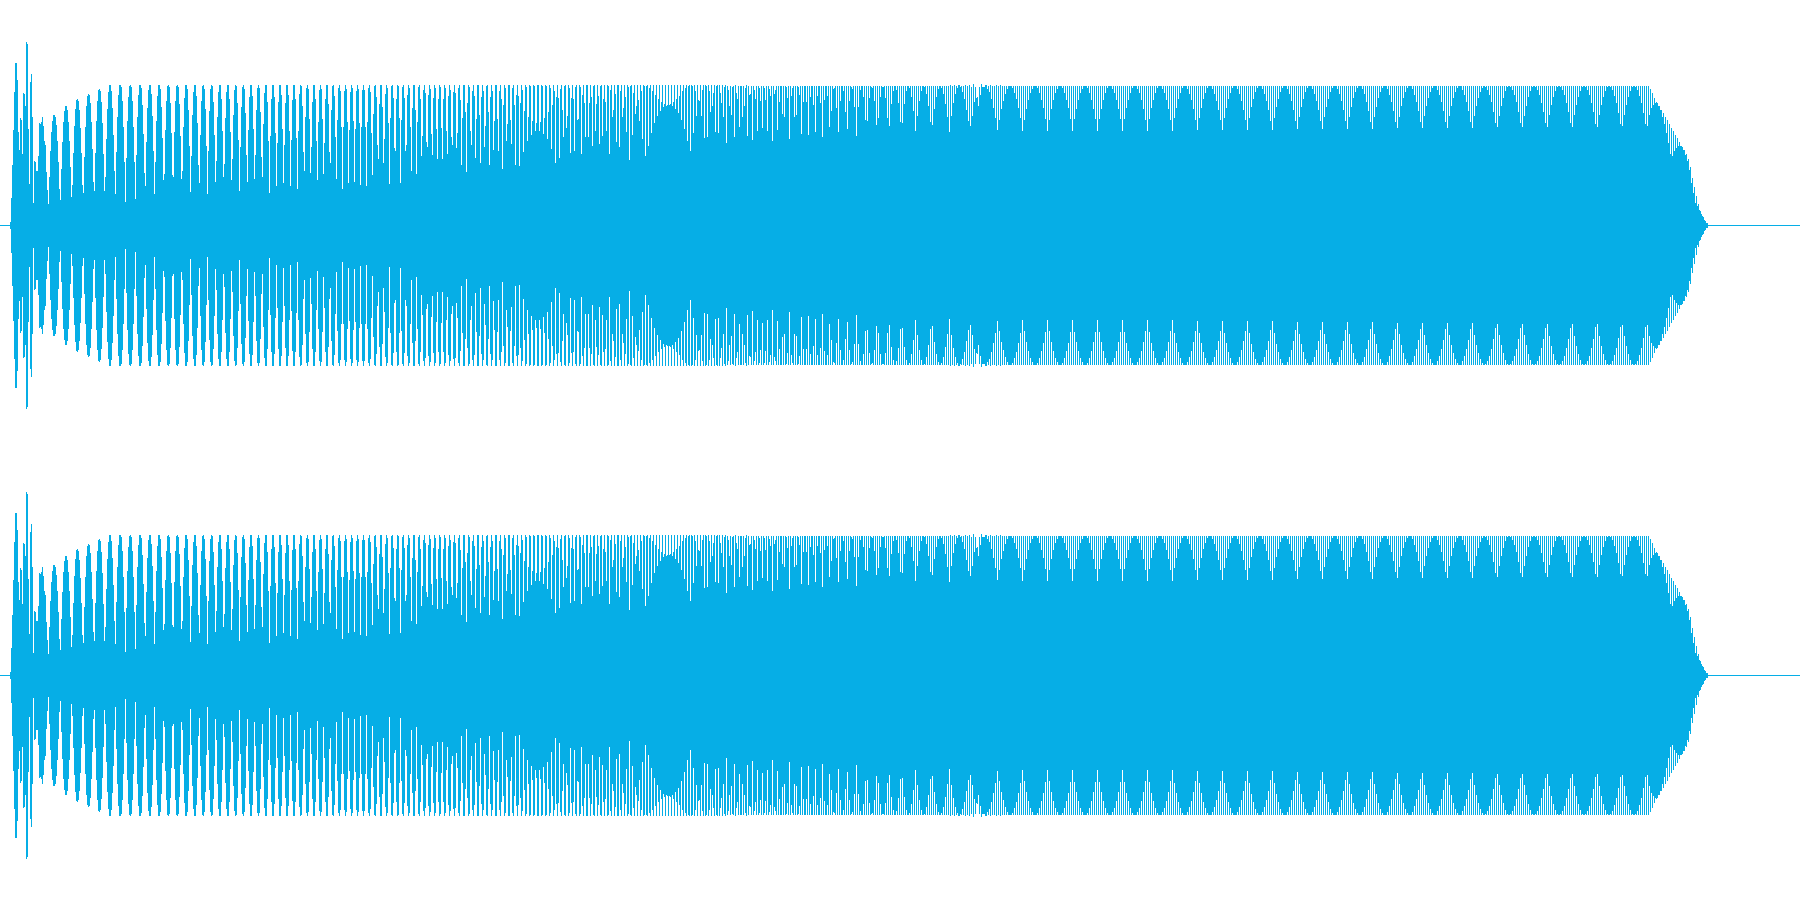 ウィィィィ〜ン(自動ドアが開閉する音)の再生済みの波形